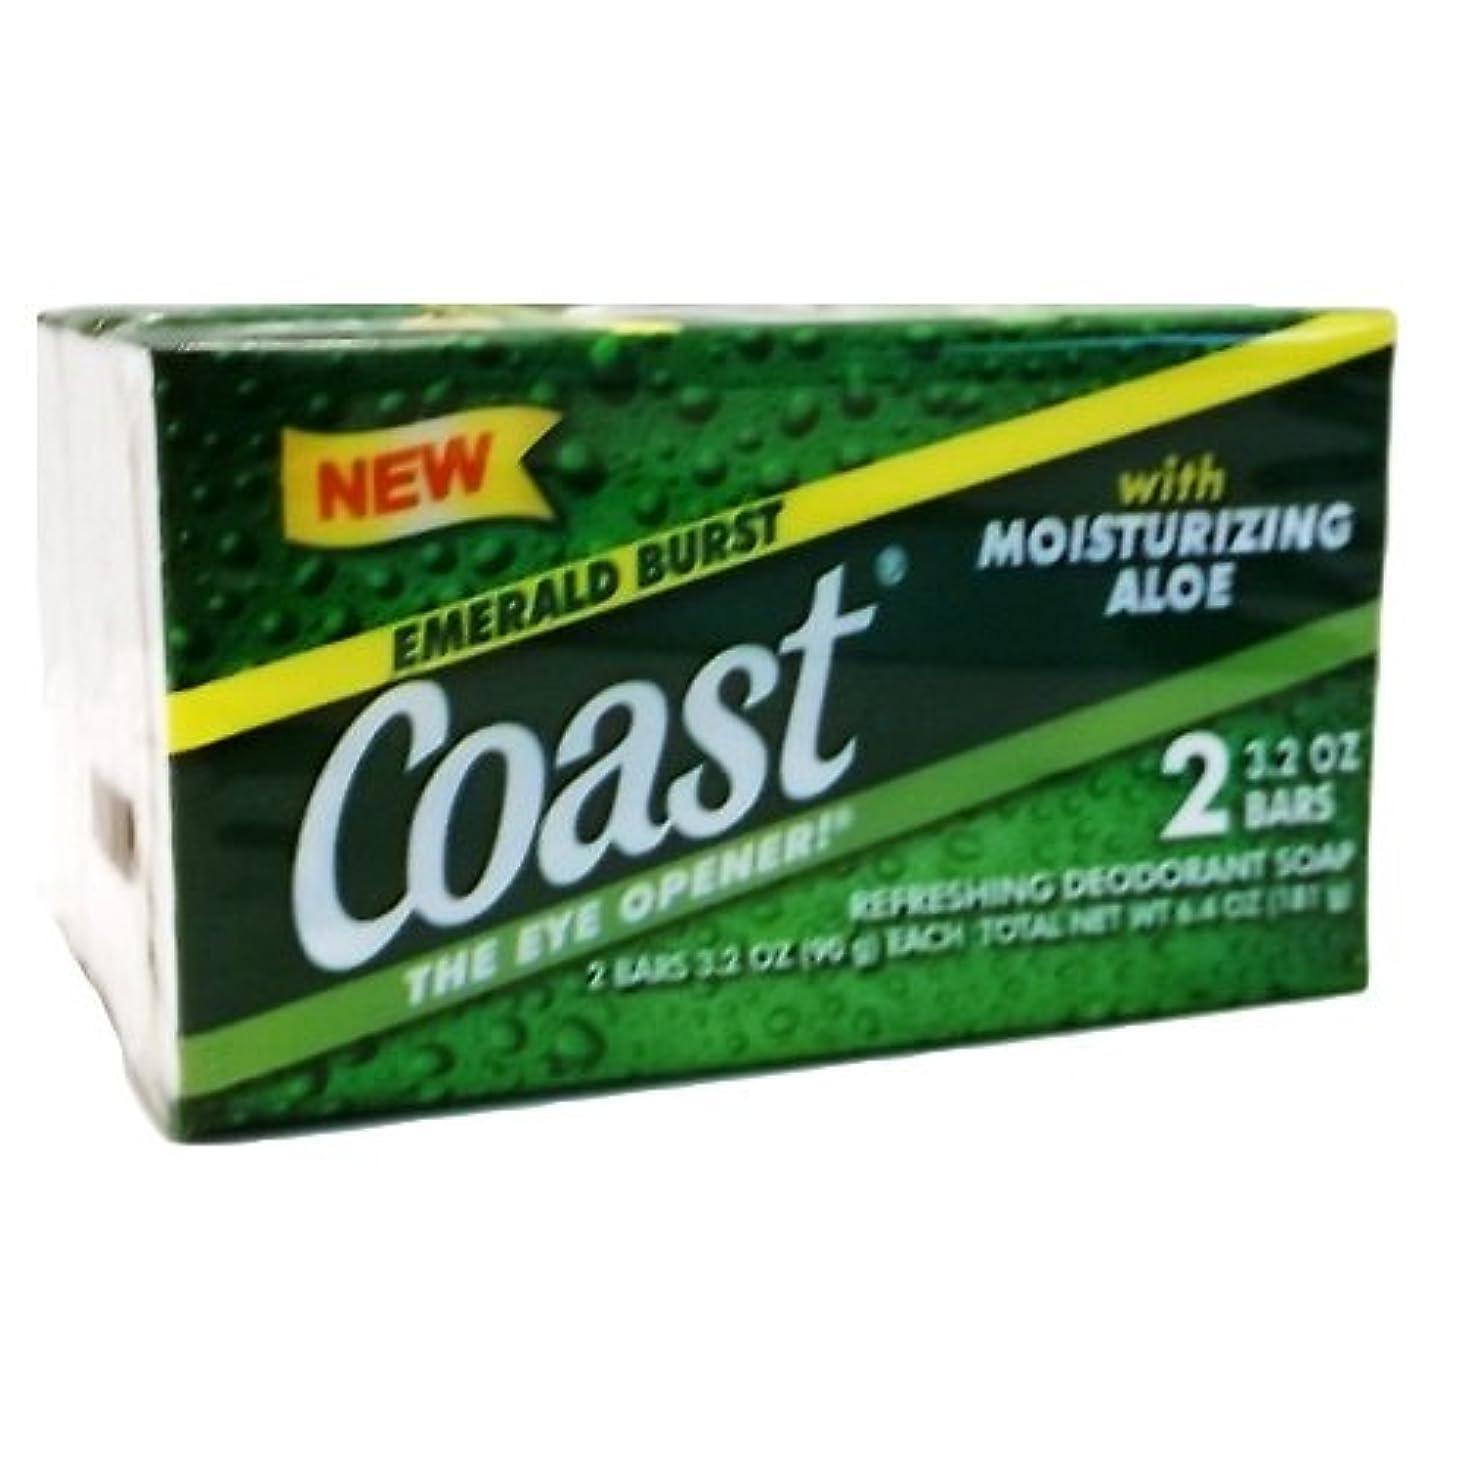 休眠ポータル腫瘍コースト(Coast) 石けんエメラルドバースト2個入り×24パック(48個)